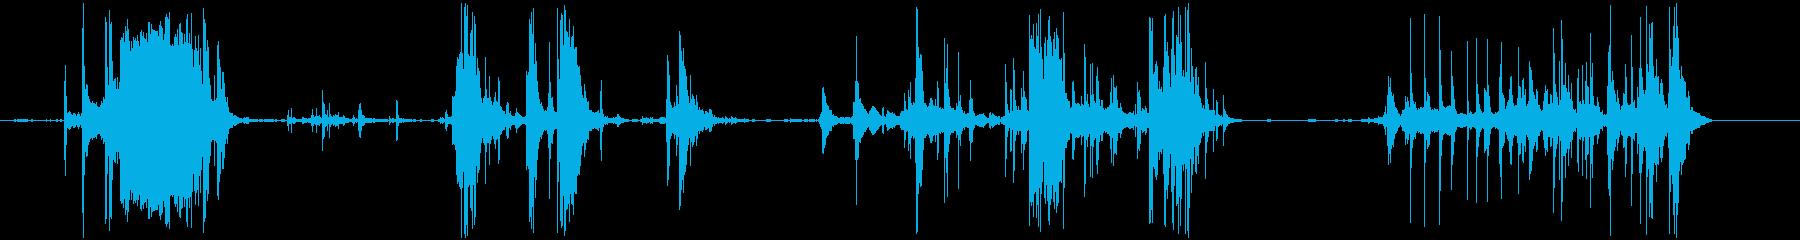 氷を容器に移す音の再生済みの波形